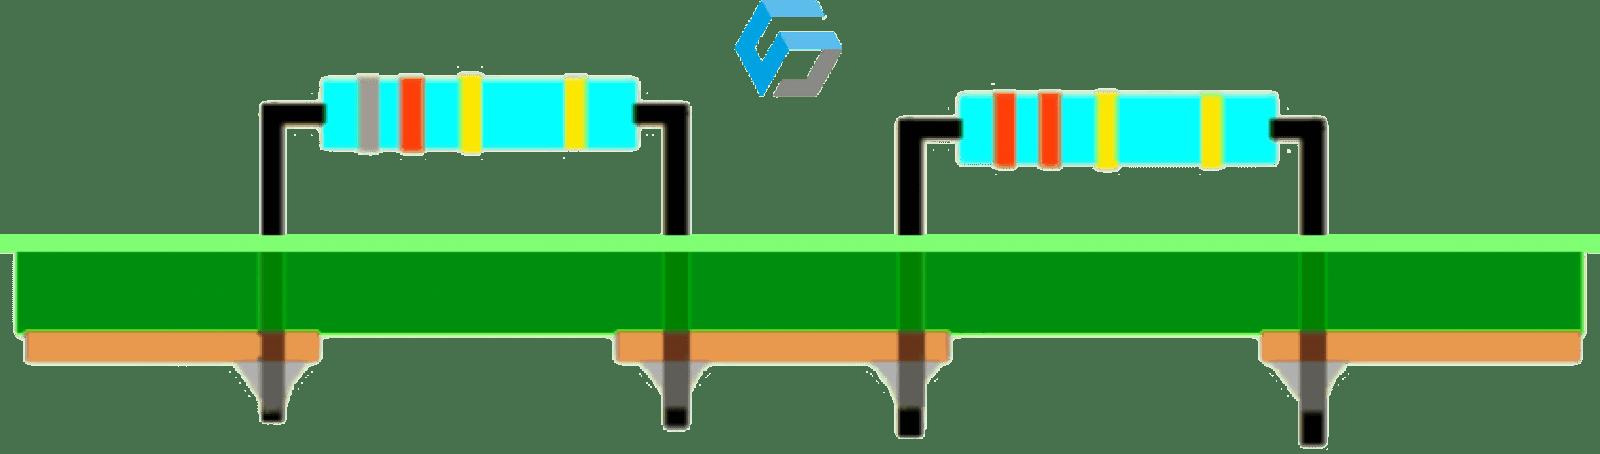 Illustrazione parti circuito stamapto